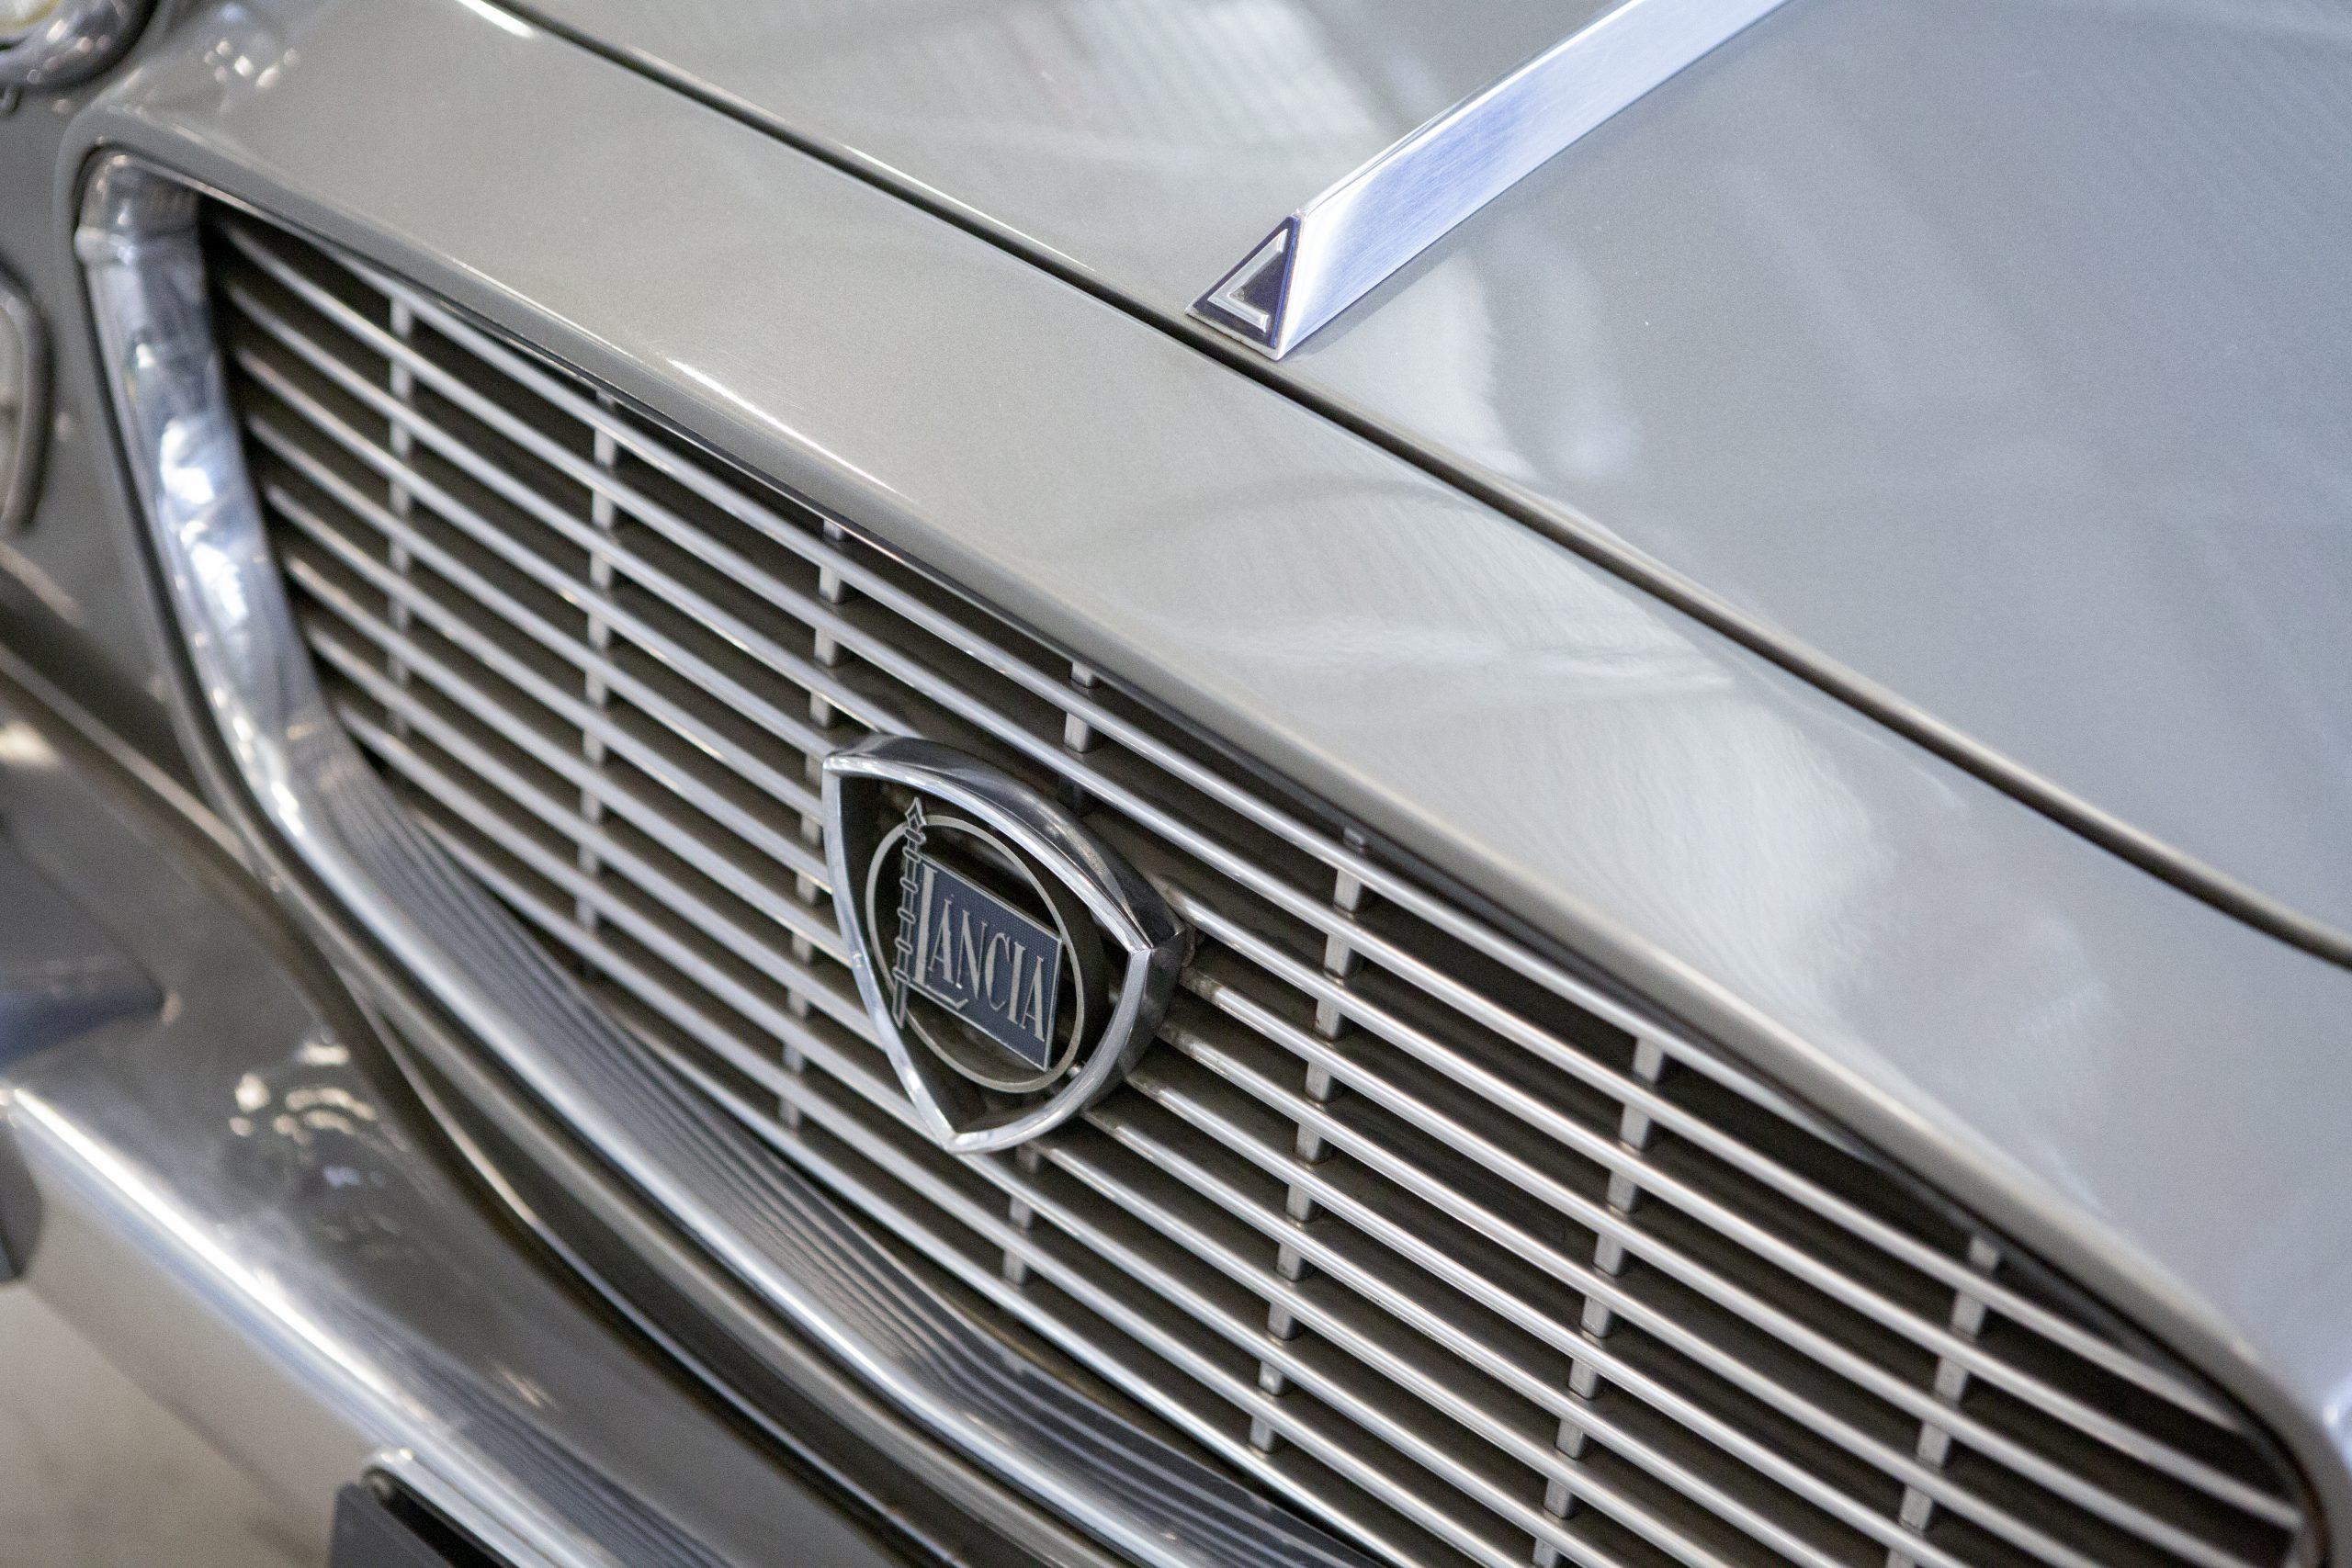 06 Lancia Flavia scaled «Κομψότητα σε κίνηση» : To νέο ντοκιμαντέρ της Lancia, για την 115η επέτειο της Lancia, retro, ειδήσεις, Νέα